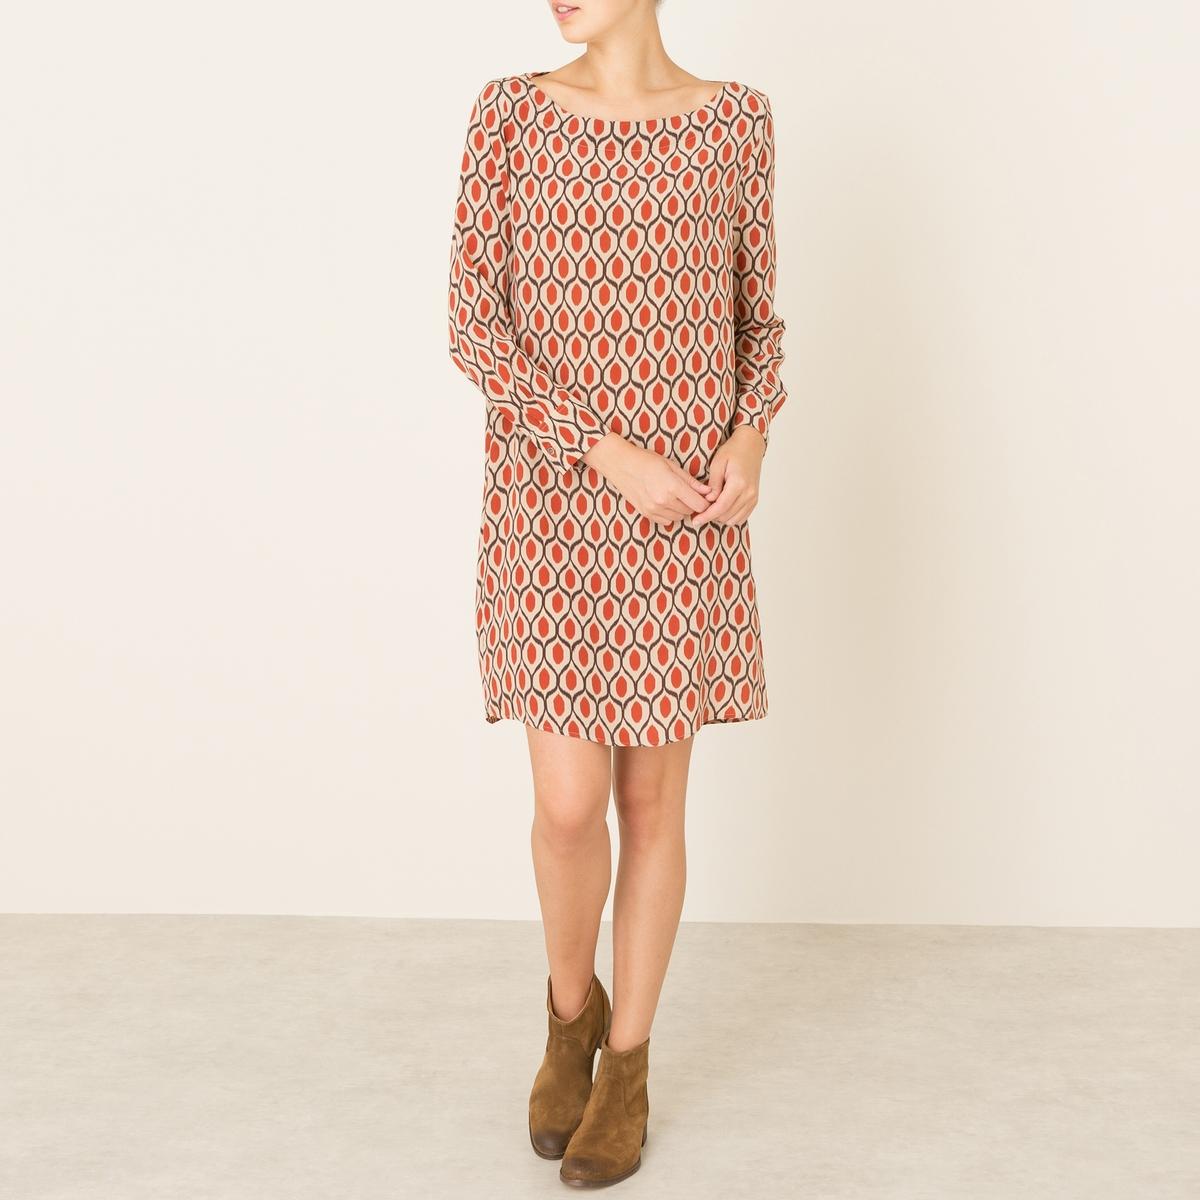 Платье MARTOПлатье DIEGA - модель MARTO. Платье-футляр со сплошным рисунком. Вырез-лодочка. Рукава с отворотами.Состав и описание Материал : 100% шелкМарка : DIEGA<br><br>Цвет: бежевый/ оранжевый